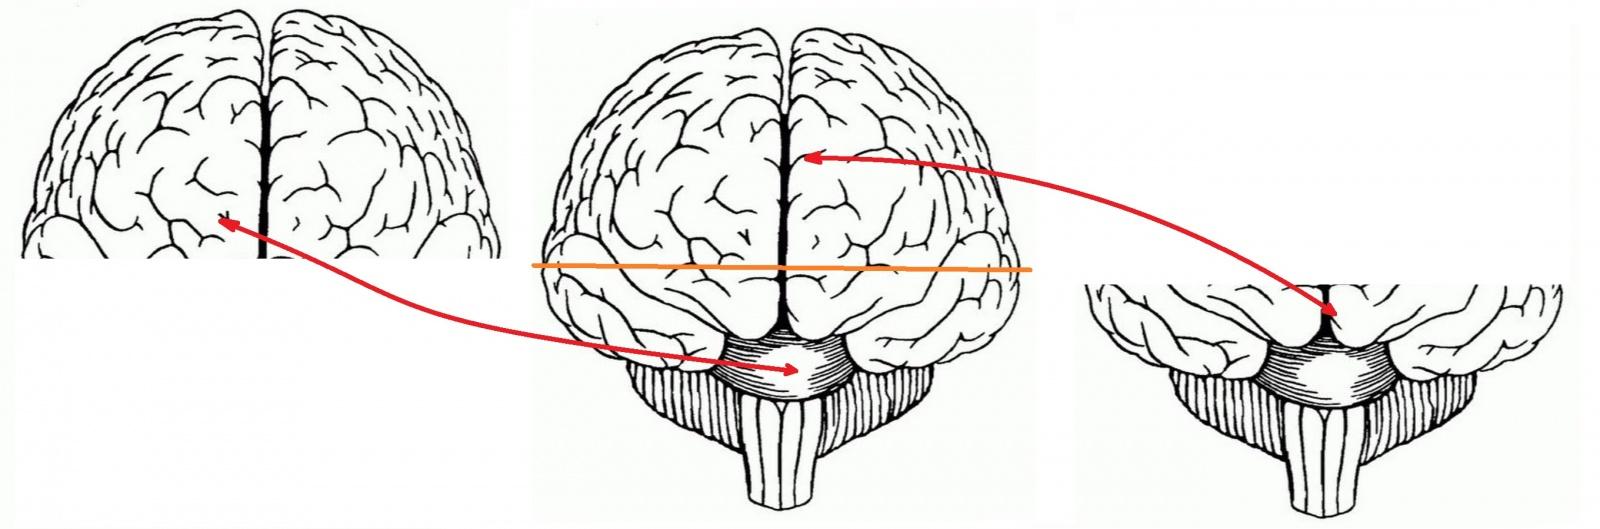 Инструкция по переносу своего сознания на цифровой носитель - 3